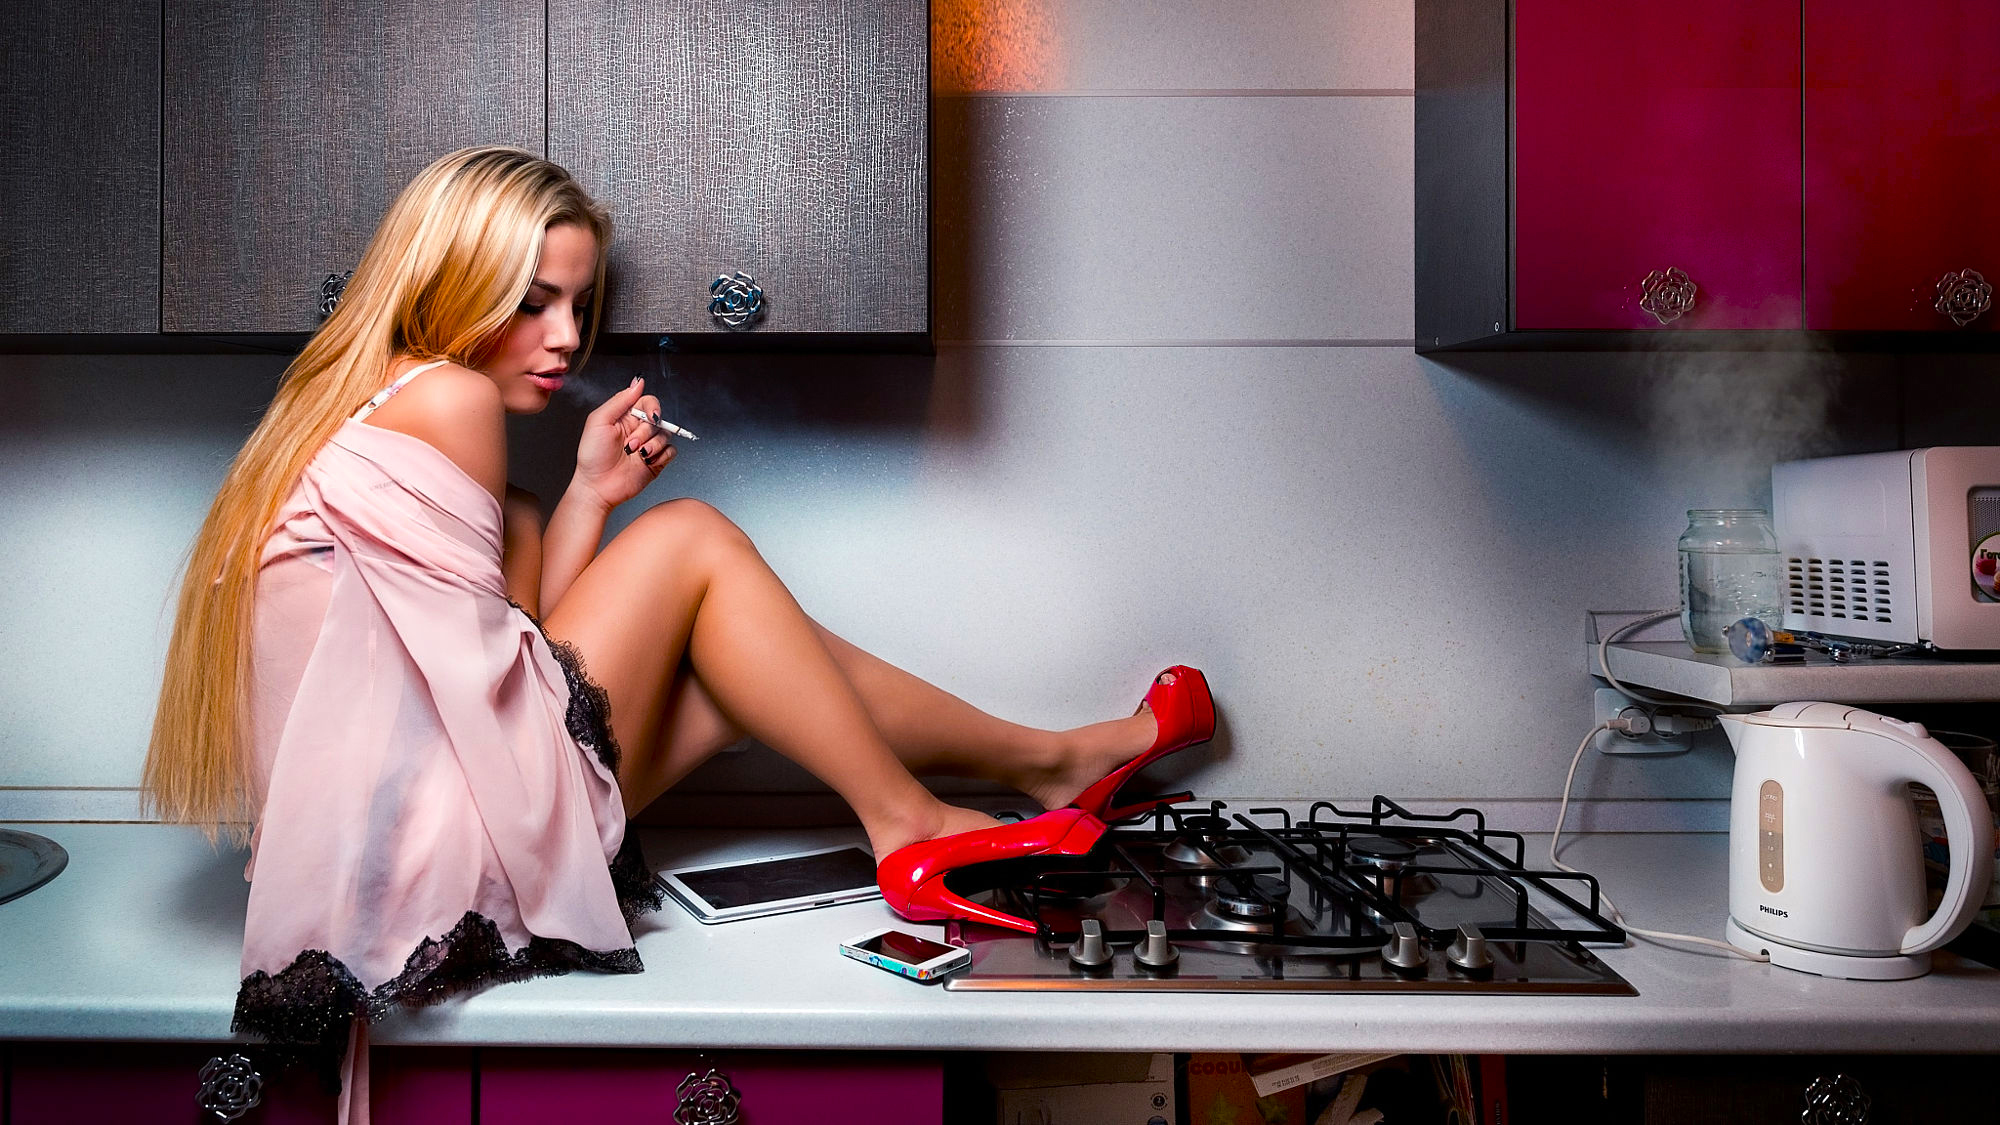 девушка кухня волосы скачать